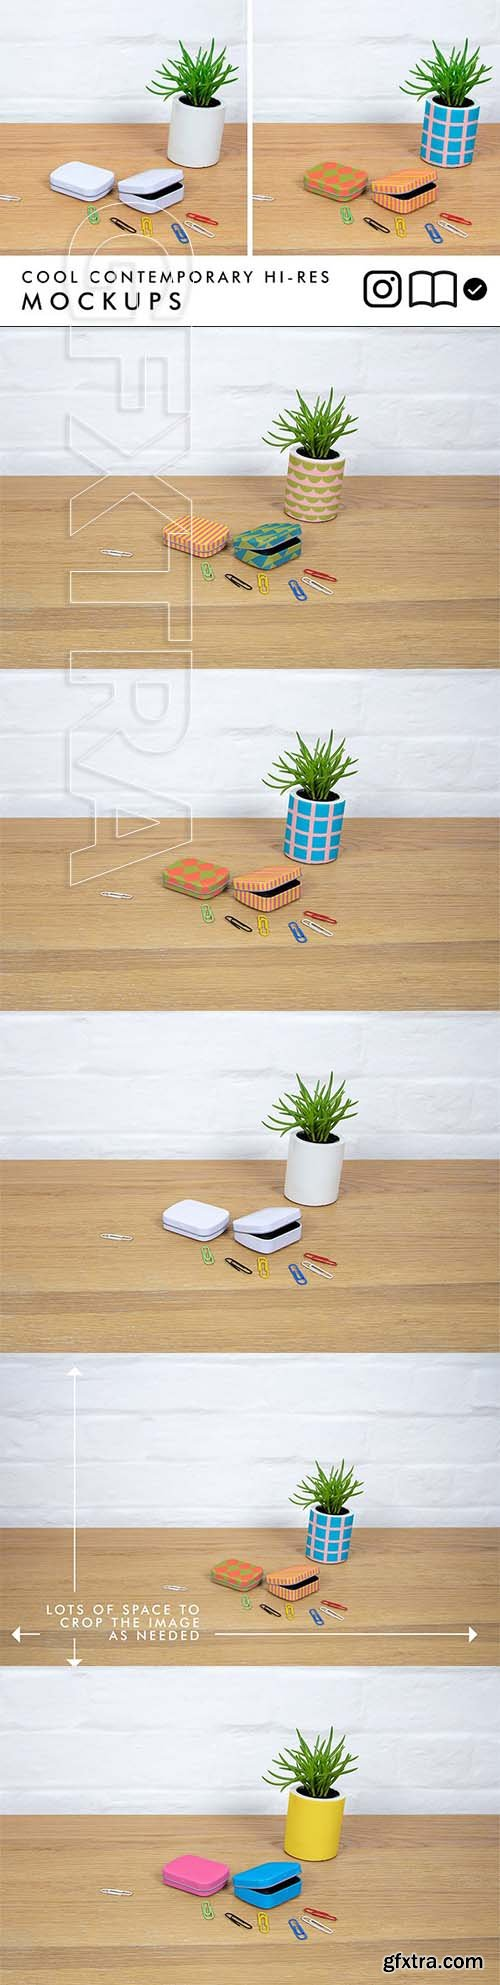 CreativeMarket - Tins and planter mockup 2534398